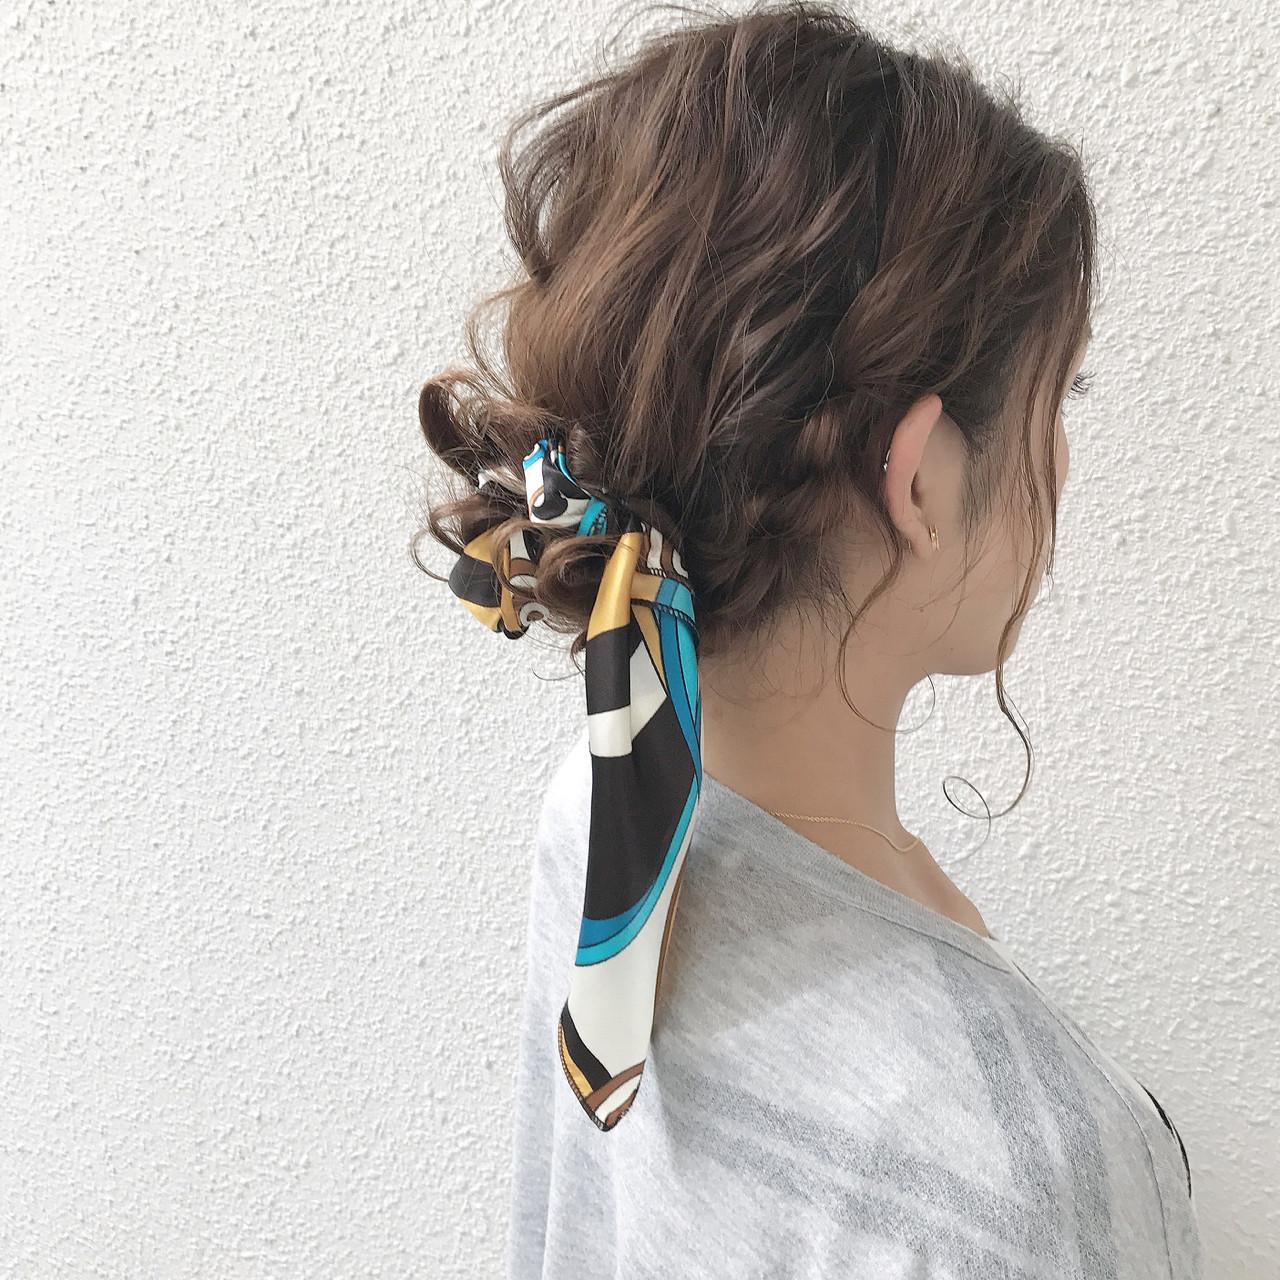 【ミディアム向け】どんなシーンでも使える大人かわいいまとめ髪特集 キムラユウタ